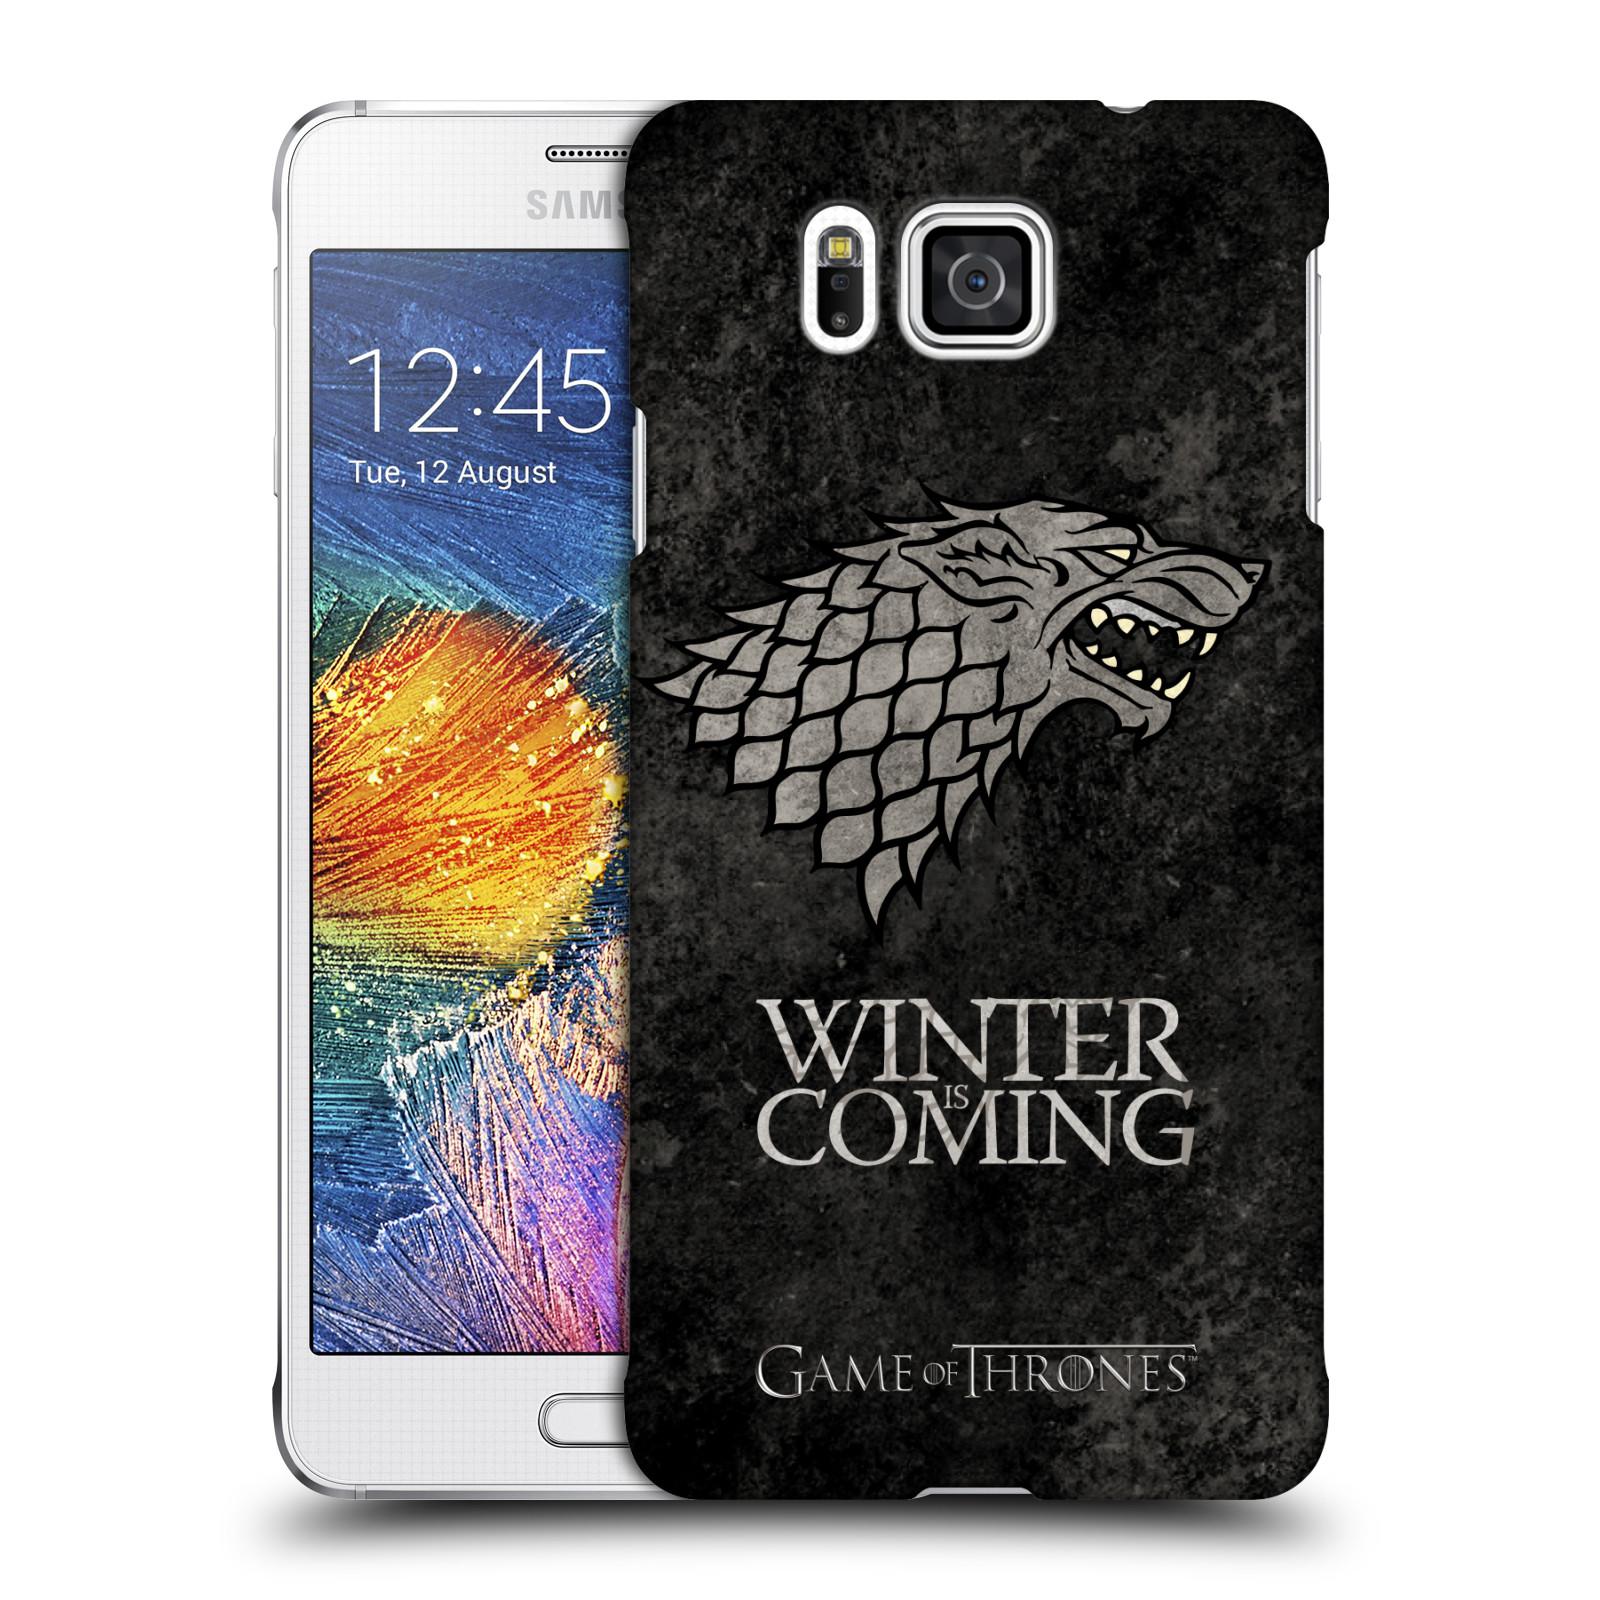 Plastové pouzdro na mobil Samsung Galaxy Alpha HEAD CASE Hra o trůny - Stark - Winter is coming